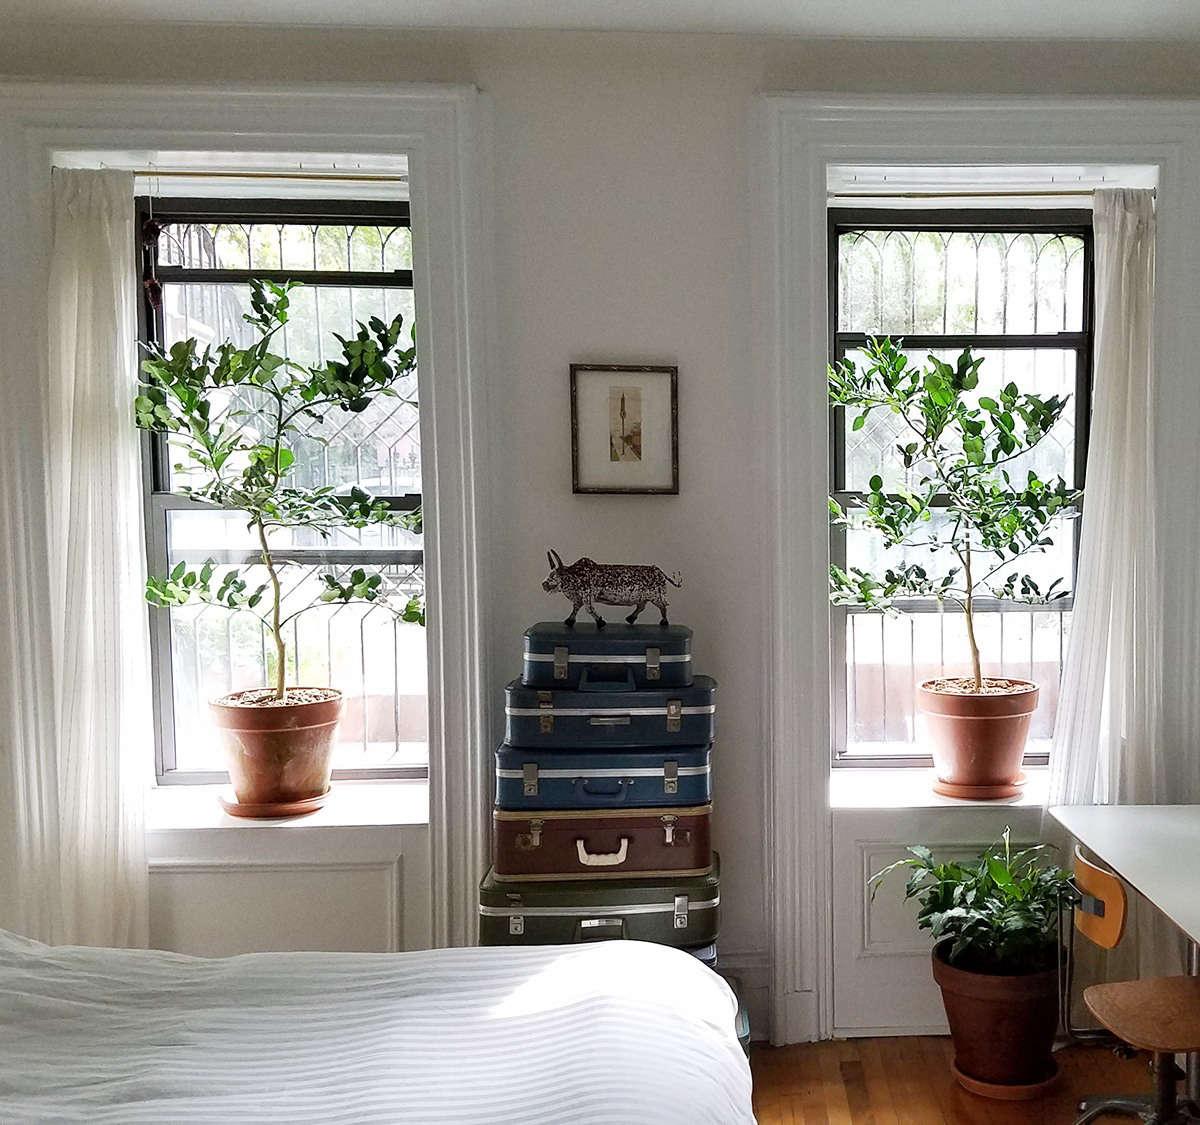 Lime trees indoors by Marie Viljoen